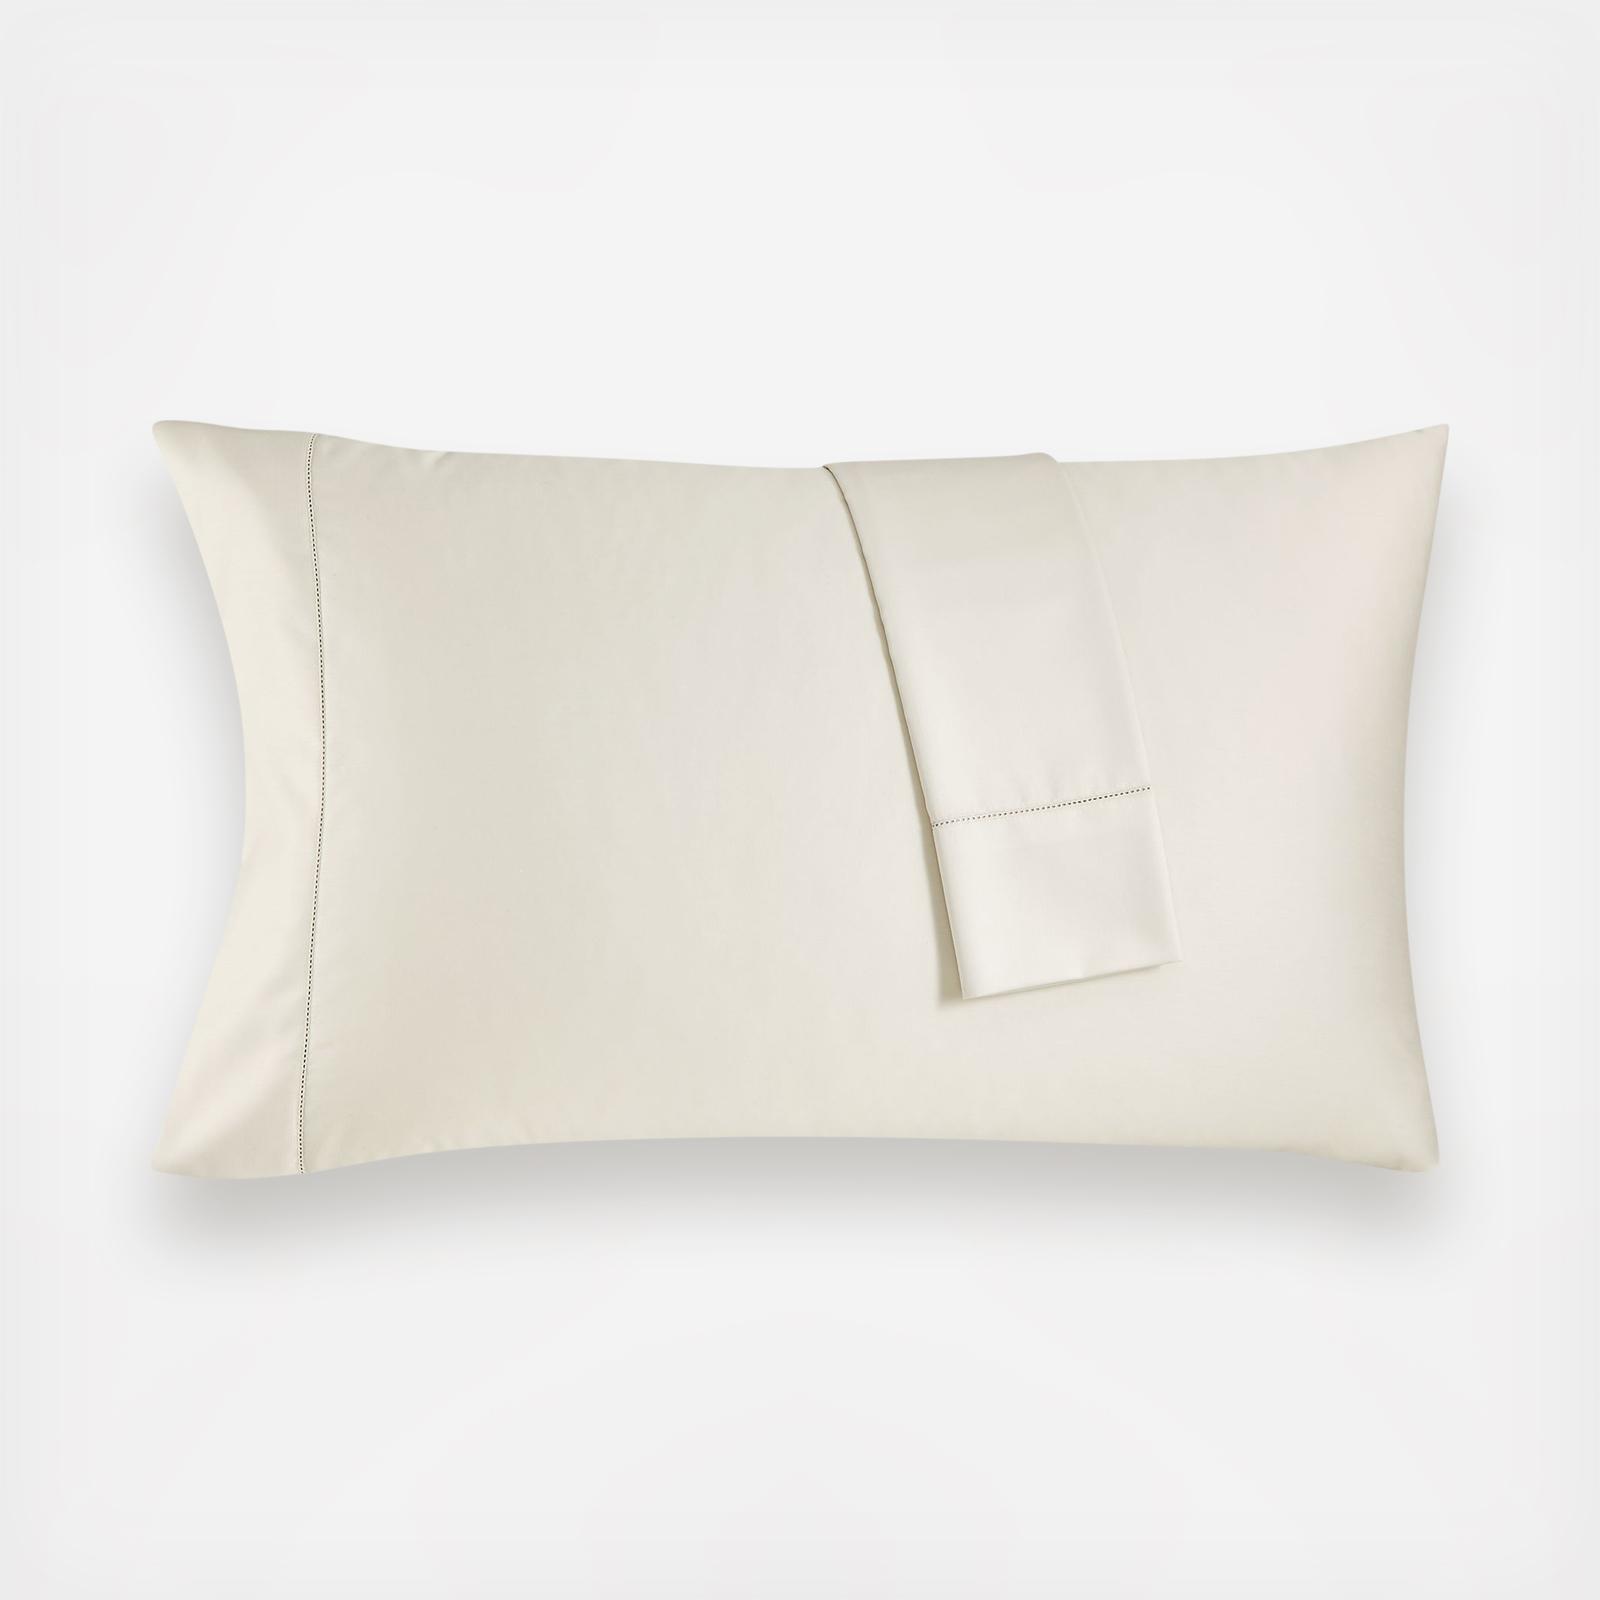 Macy S Charter Club Damask Pillowcase Set Of 2 Zola